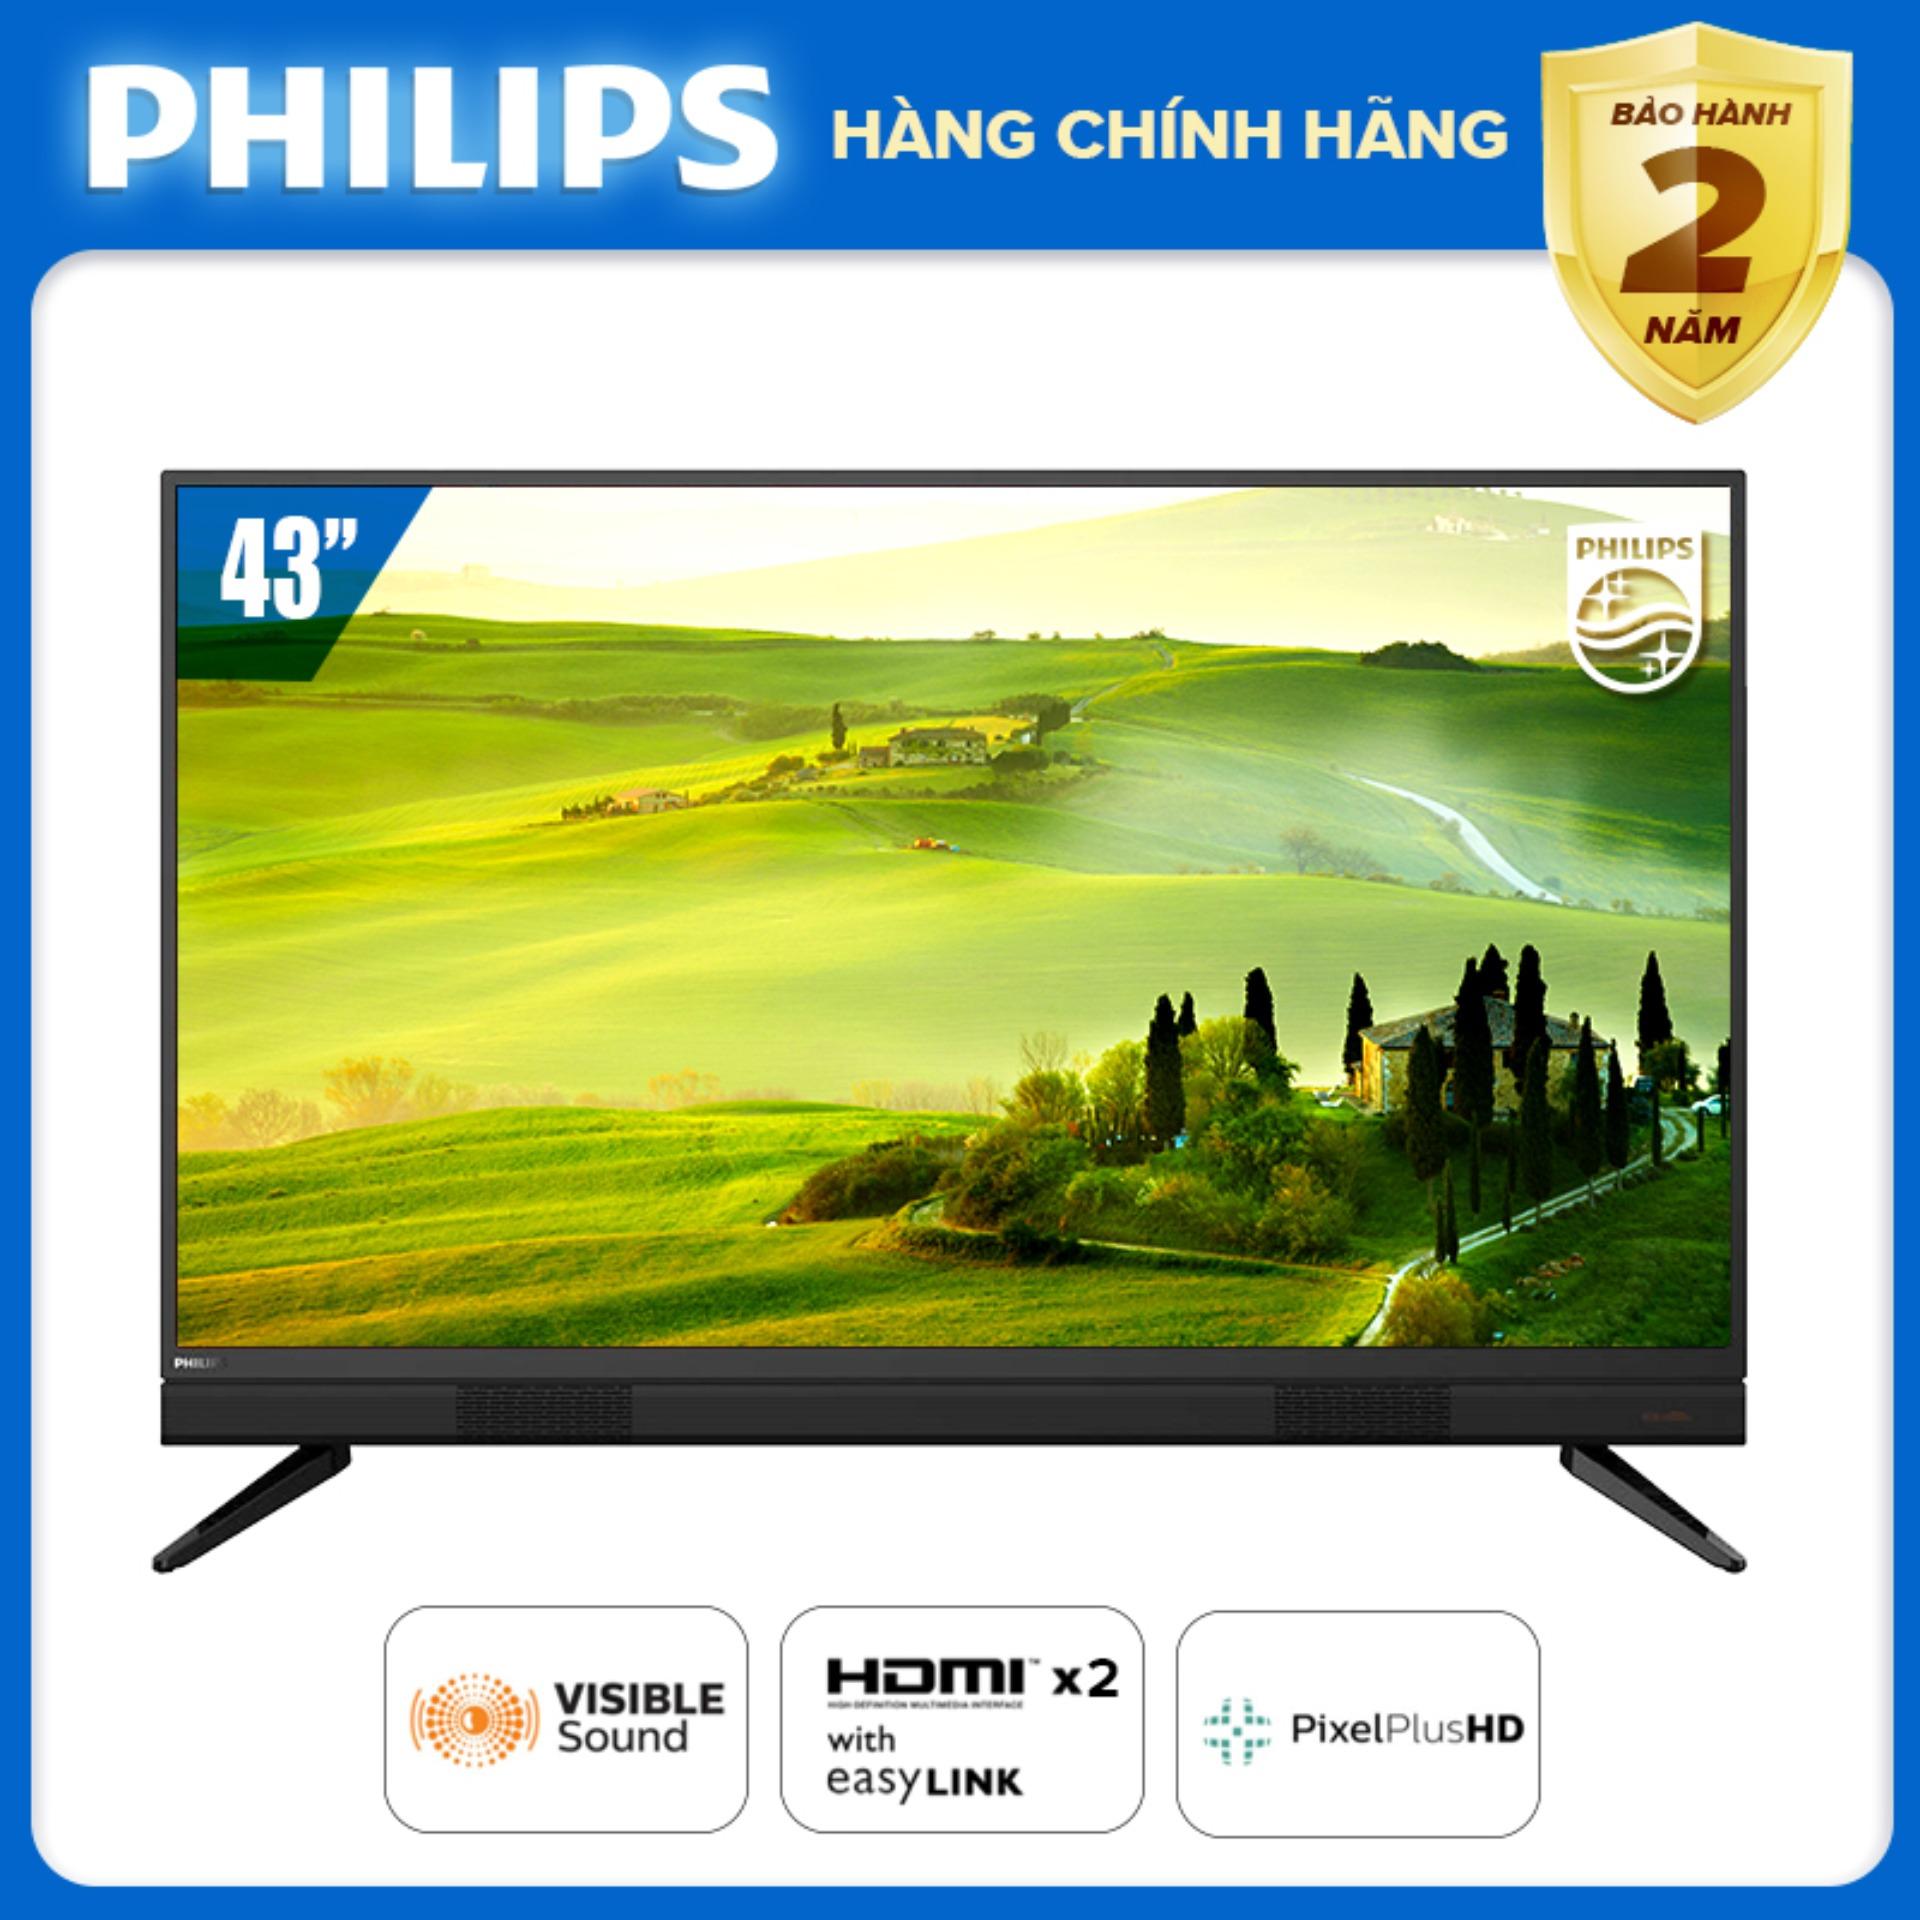 Bảng giá [ĐẶT HÀNG TRƯỚC] TIVI PHILIPS 43 INCH LED FULL HD 43PFT5583/74 (DIGITAL TV DVB-T2 HÀNG THÁI LAN) TIVI GIÁ RẺ TẶNG QUÀ USB - BẢO HÀNH 2 NĂM TẠI NHÀ